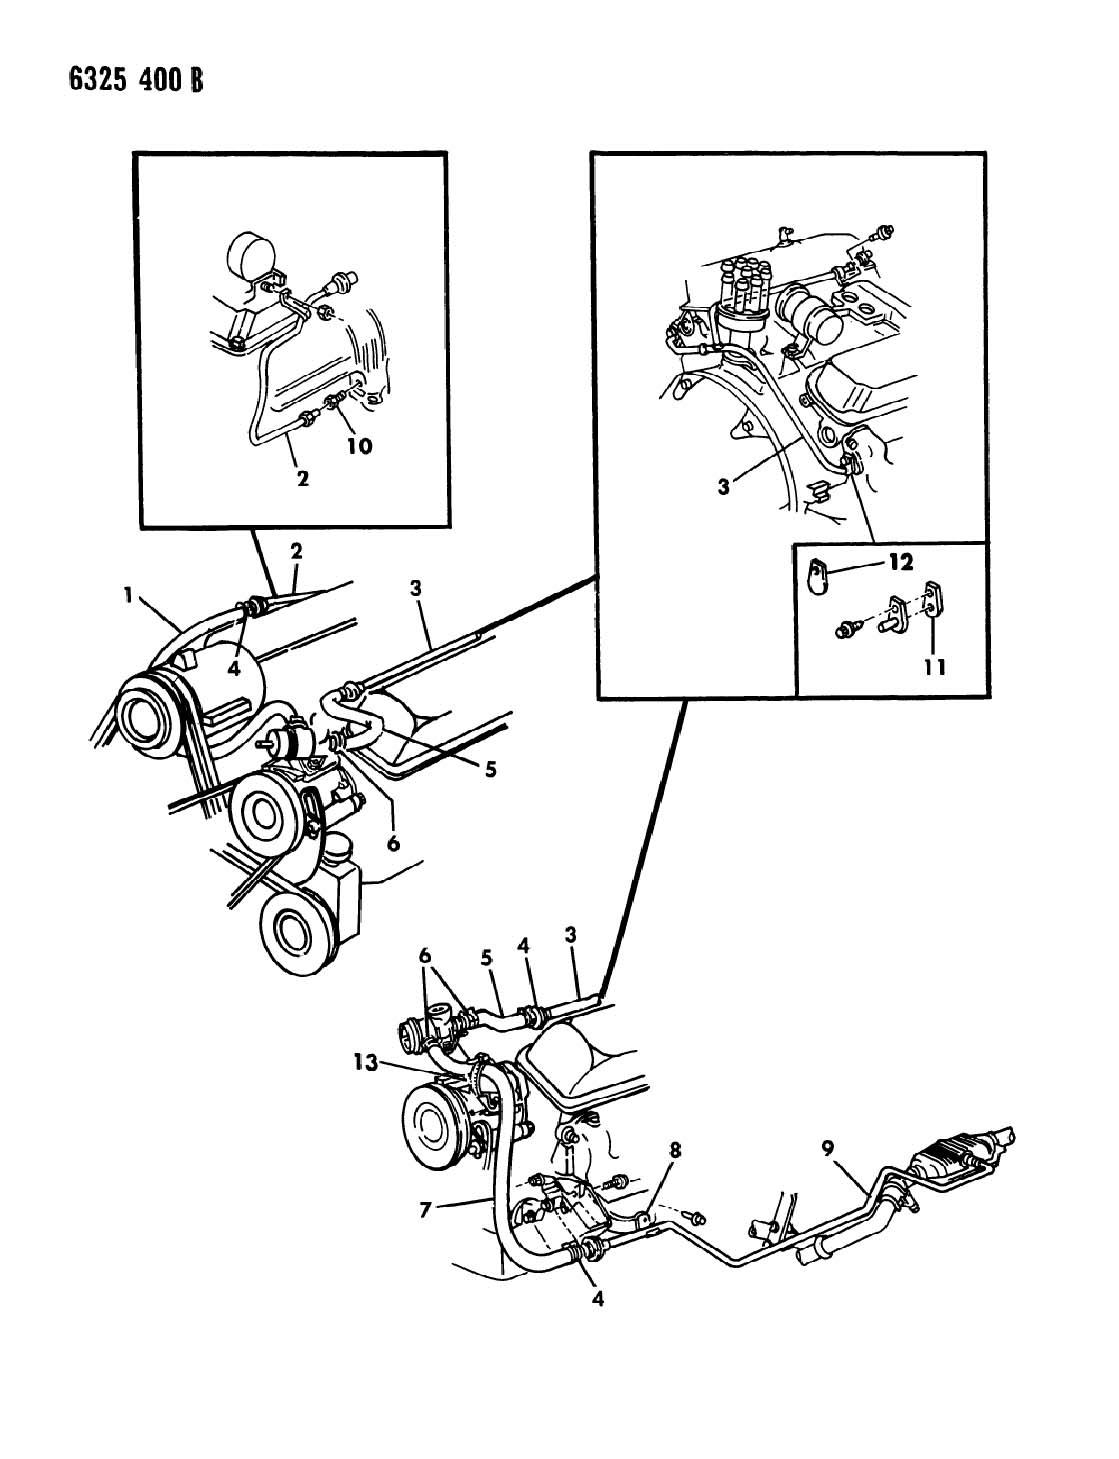 1987 dodge ram van ram wagon air pump tubing 318